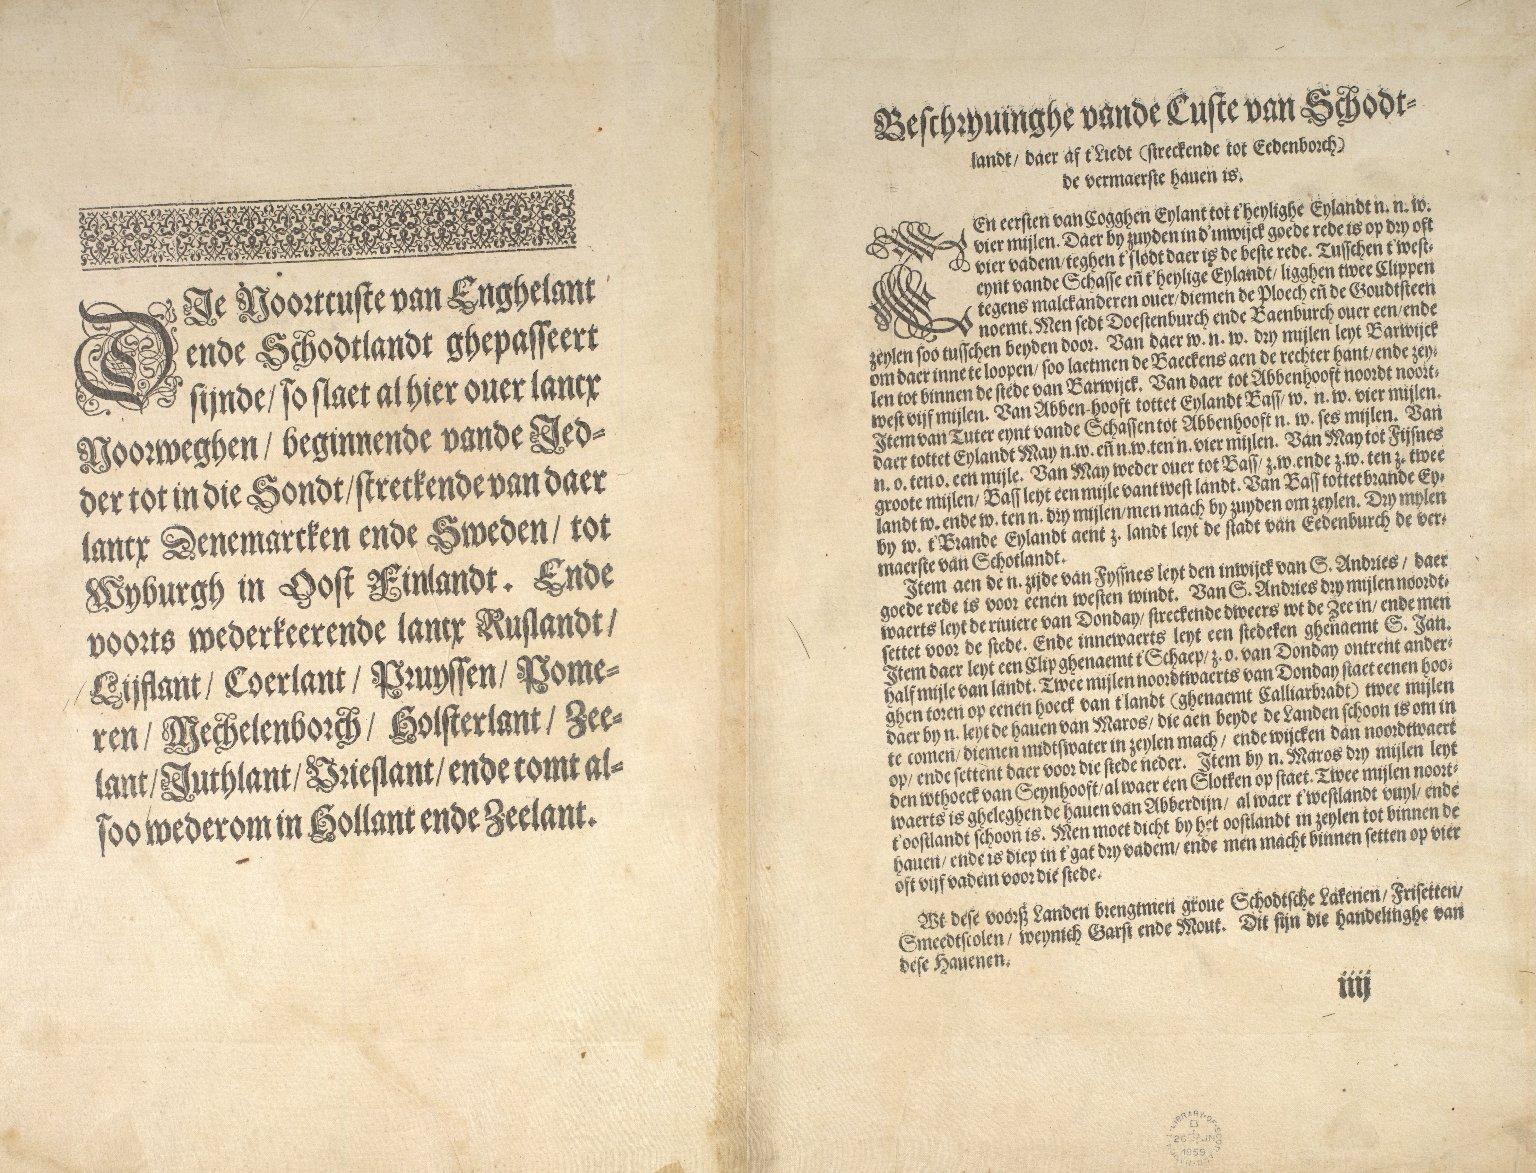 Beschrijvinge van een deel vann Schottlandt van Bambourg tot Aberdein : daer Edenburg de princepaele Coepstat in is, So hem tlant daer 'bthoont, beneffens 2 eylende [2 of 2]